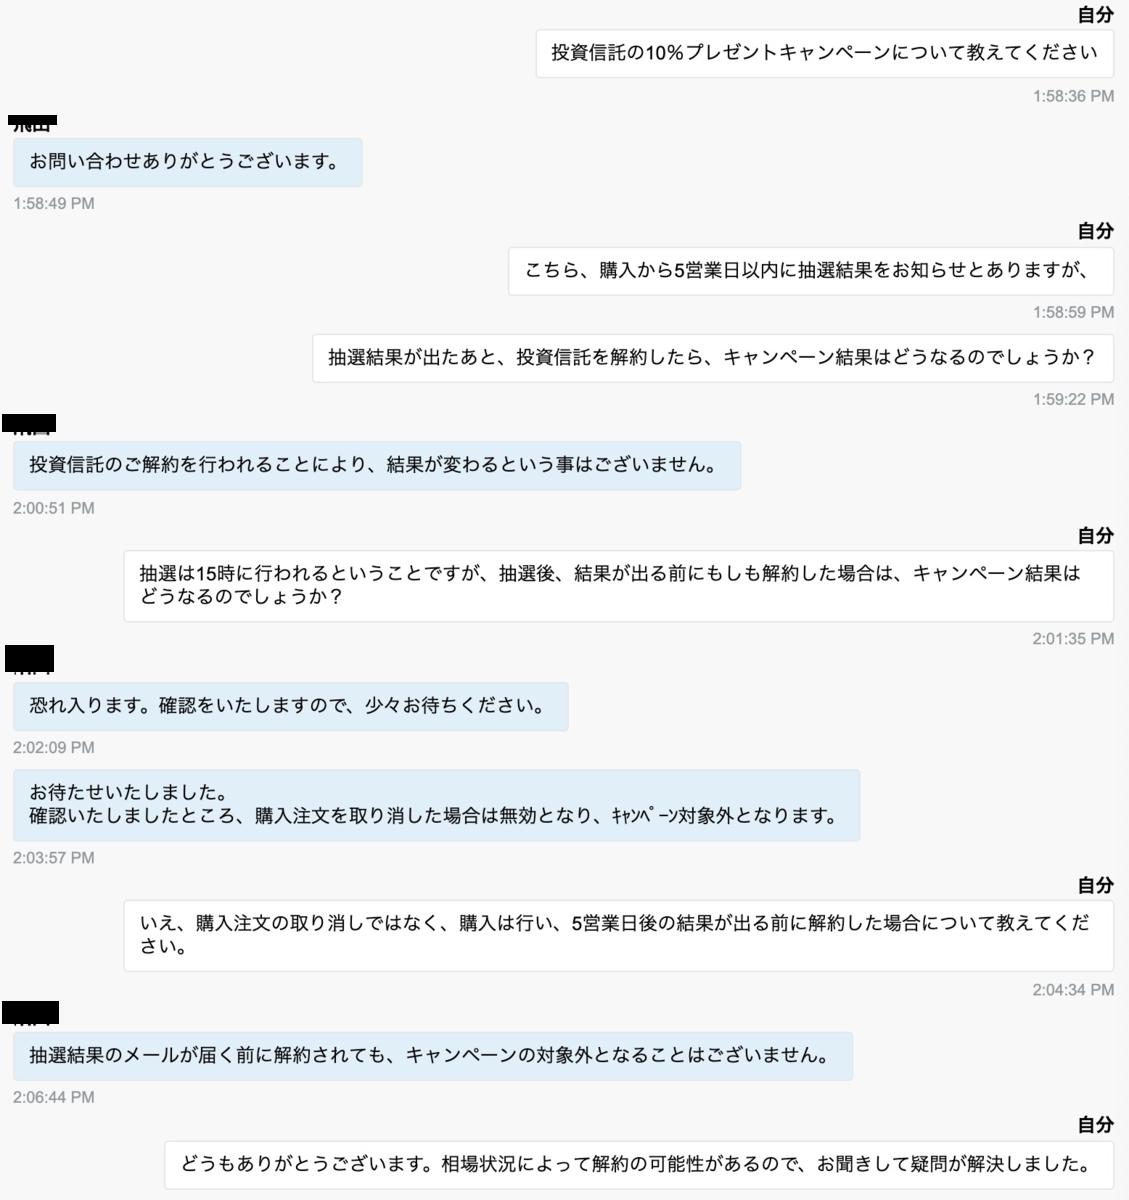 f:id:kuzyo:20190605001356p:plain